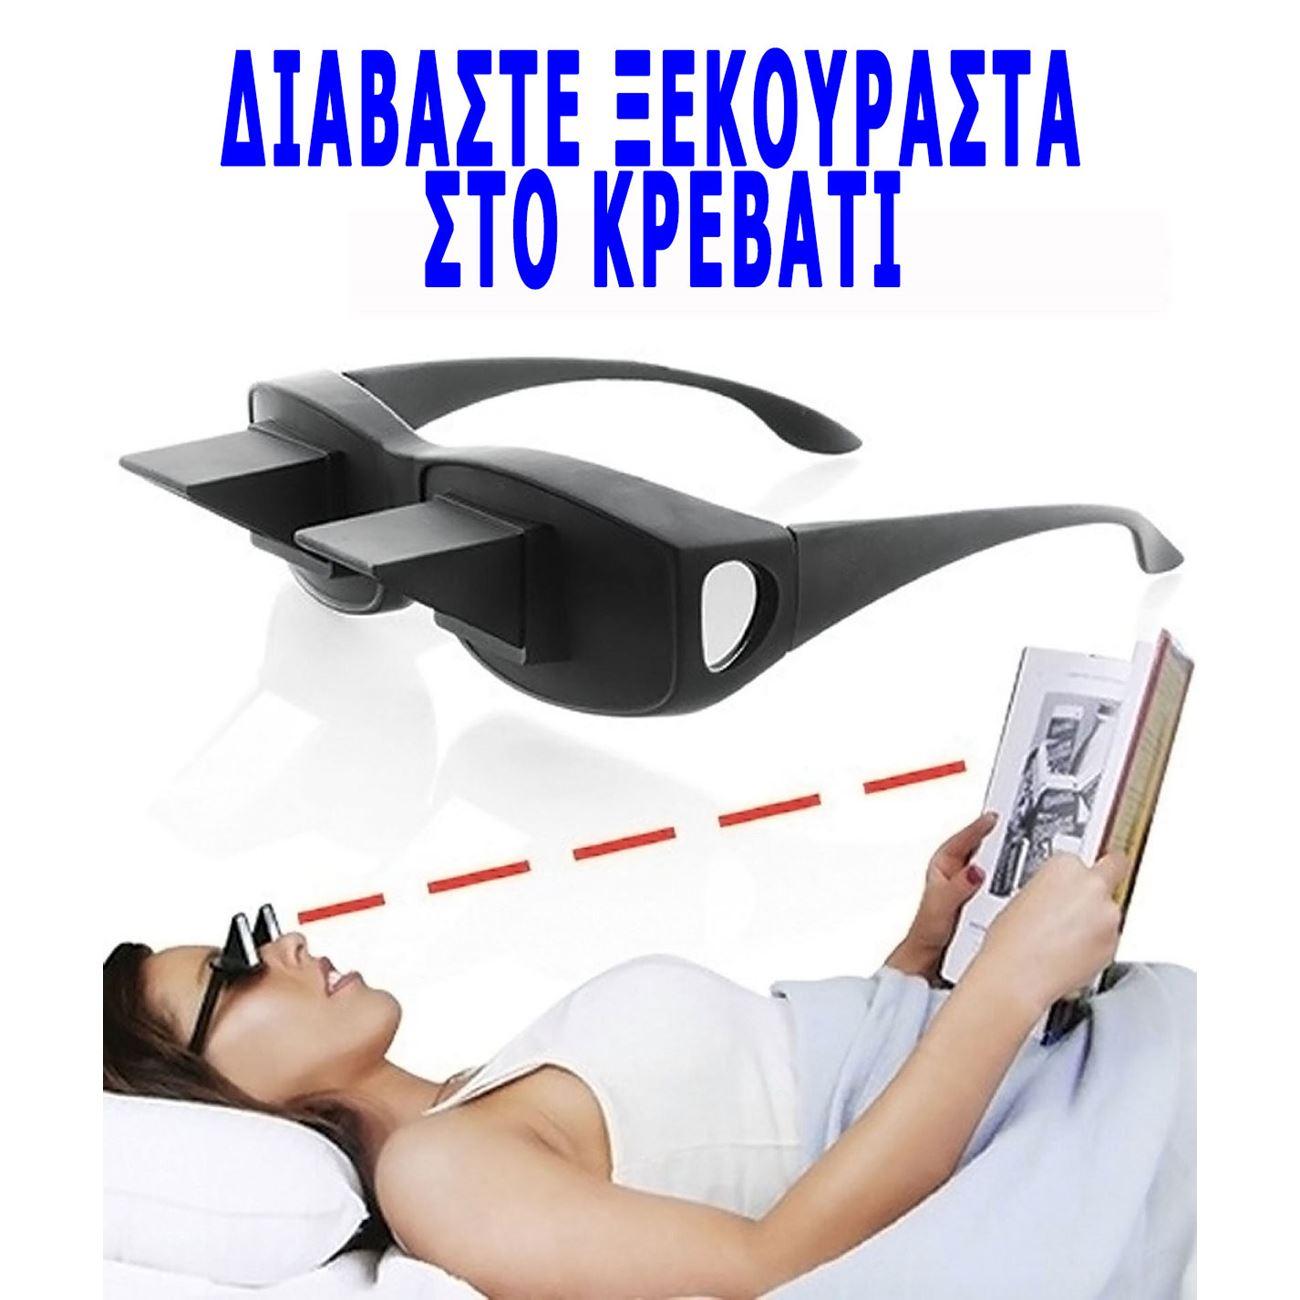 ee75431bf4 Πρισματικά γυαλιά για να διαβάζετε και να βλέπετε τηλεόραση ξαπλωμένοι  (Δείτε βίντεο)   ΑΞεσουάρ Εικόνας - Ήχου